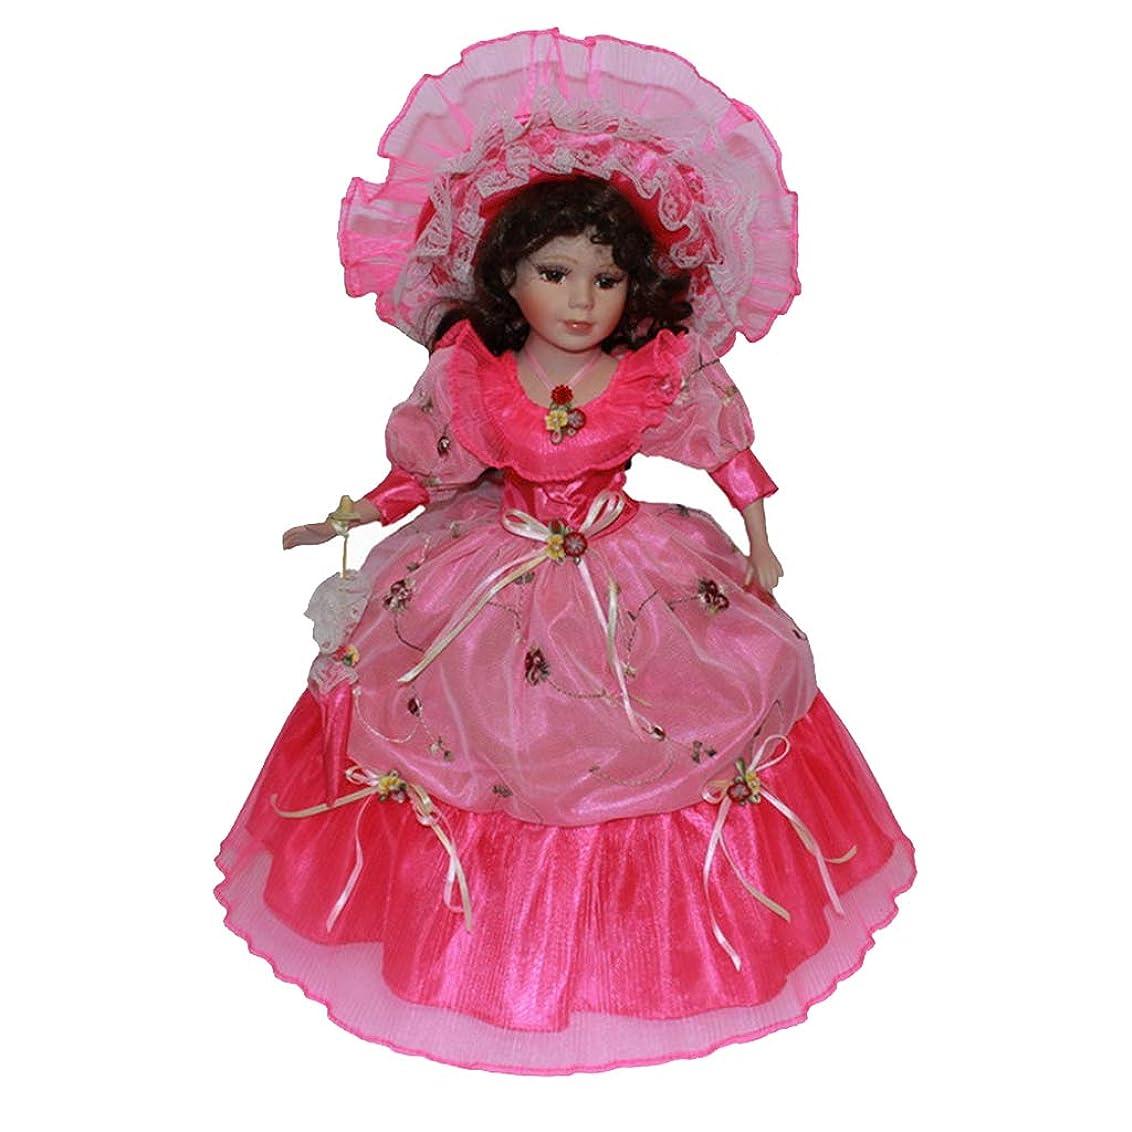 周りレキシコン空SM SunniMix 人形 ドール 磁器人形 フィギュア 立ち人形 巻き毛 子供 おもちゃ ホーム オフィス デコレーション